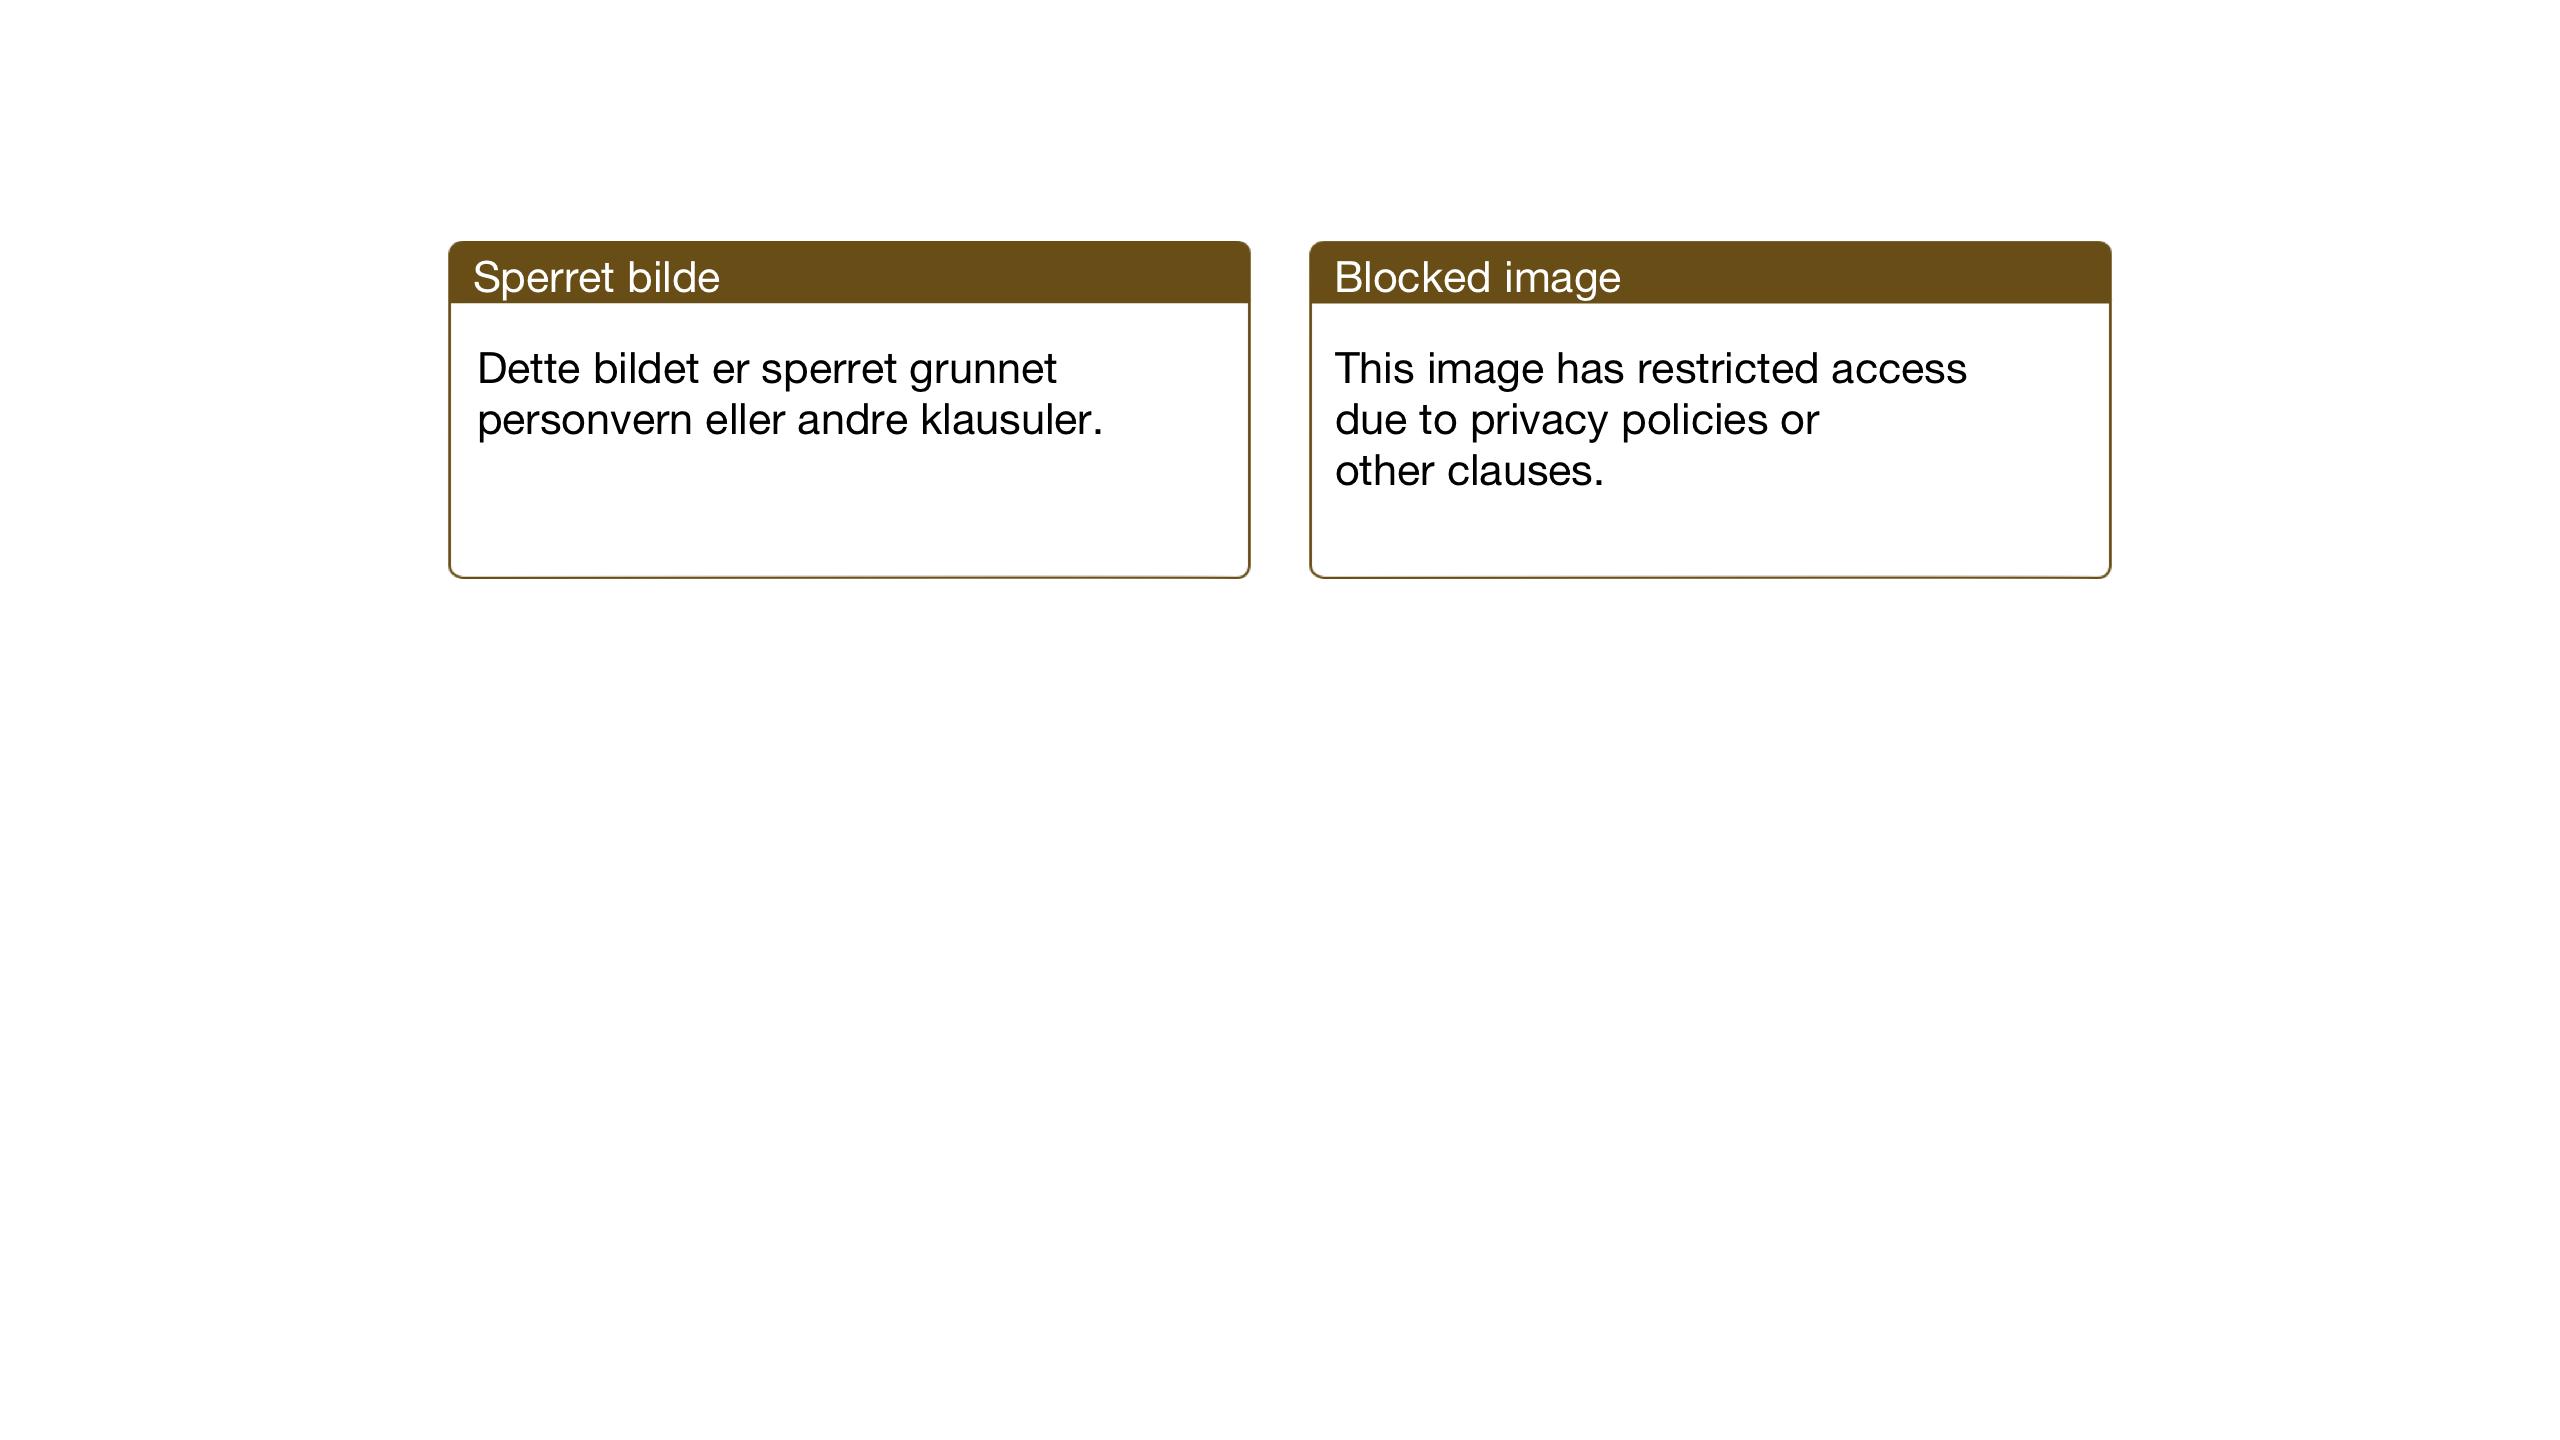 SAT, Ministerialprotokoller, klokkerbøker og fødselsregistre - Sør-Trøndelag, 655/L0690: Klokkerbok nr. 655C06, 1937-1950, s. 49